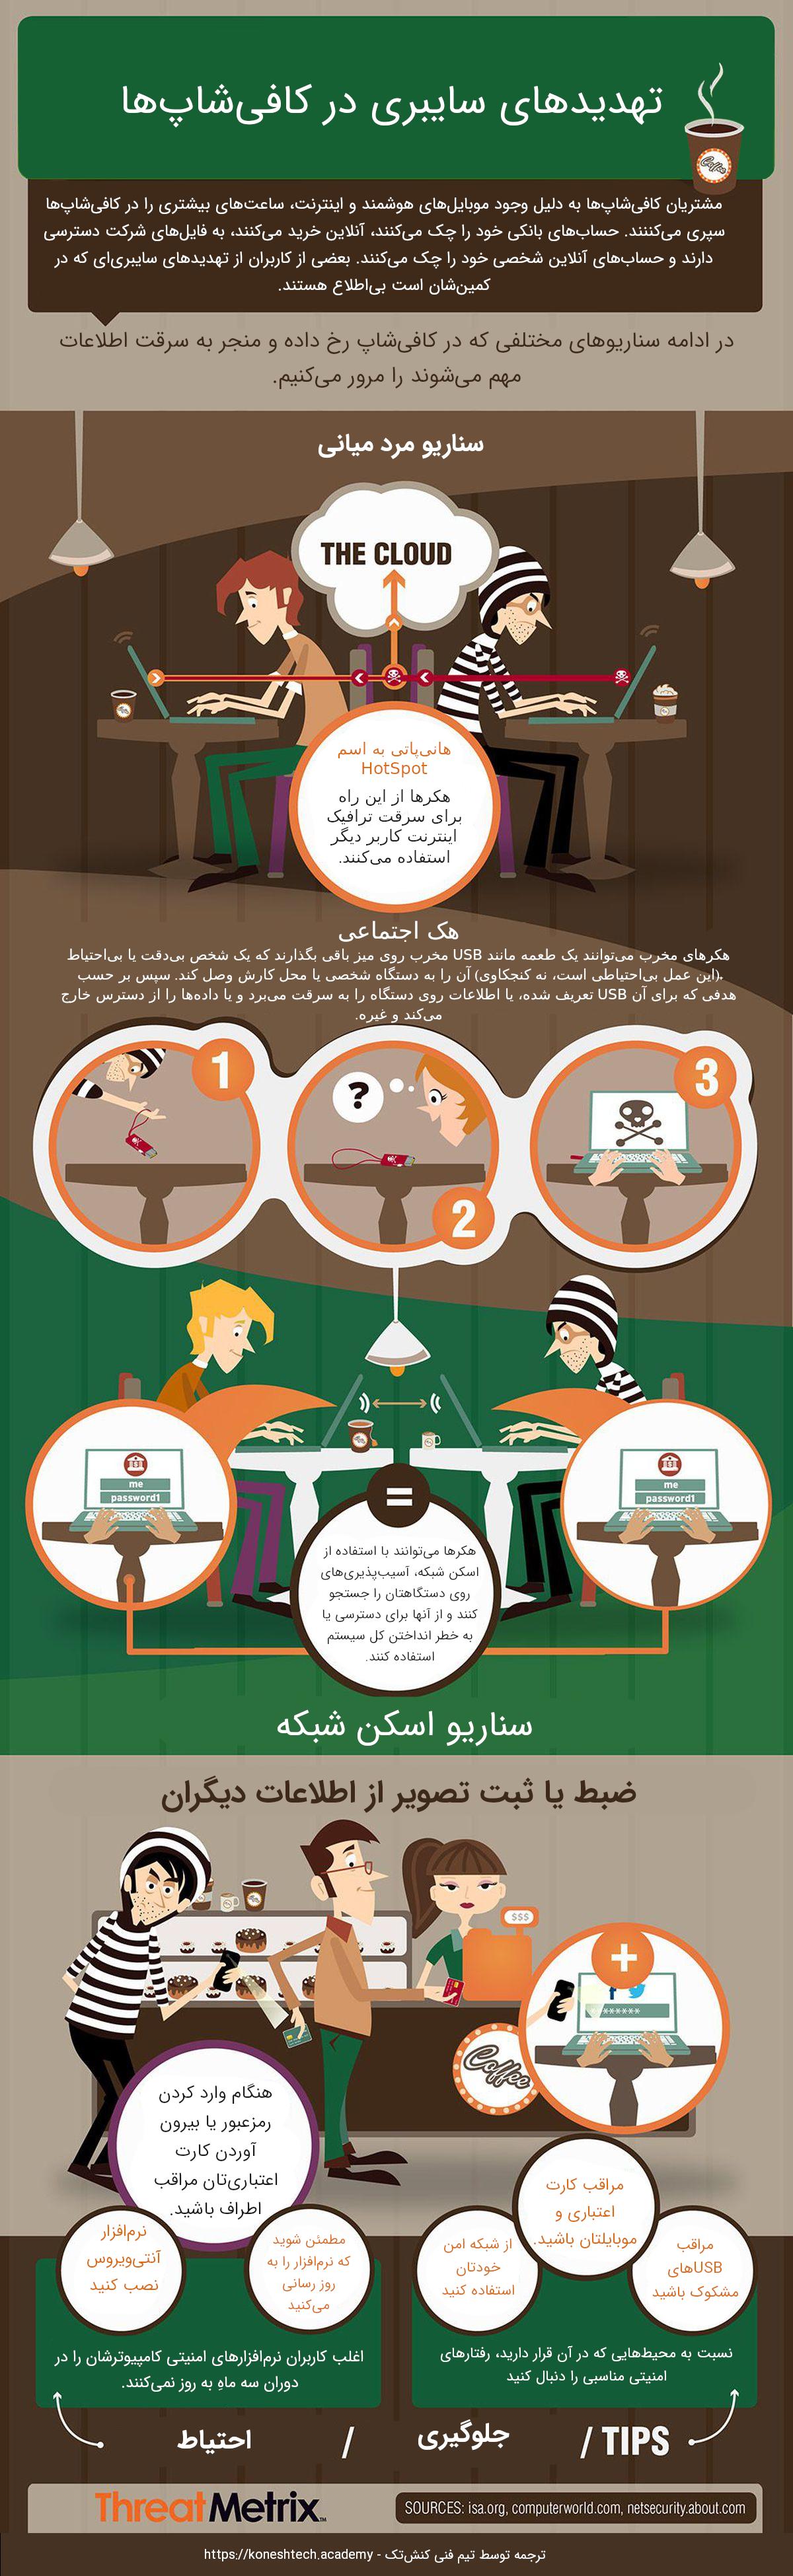 تهدیدهای سایبری در کافیشاپ